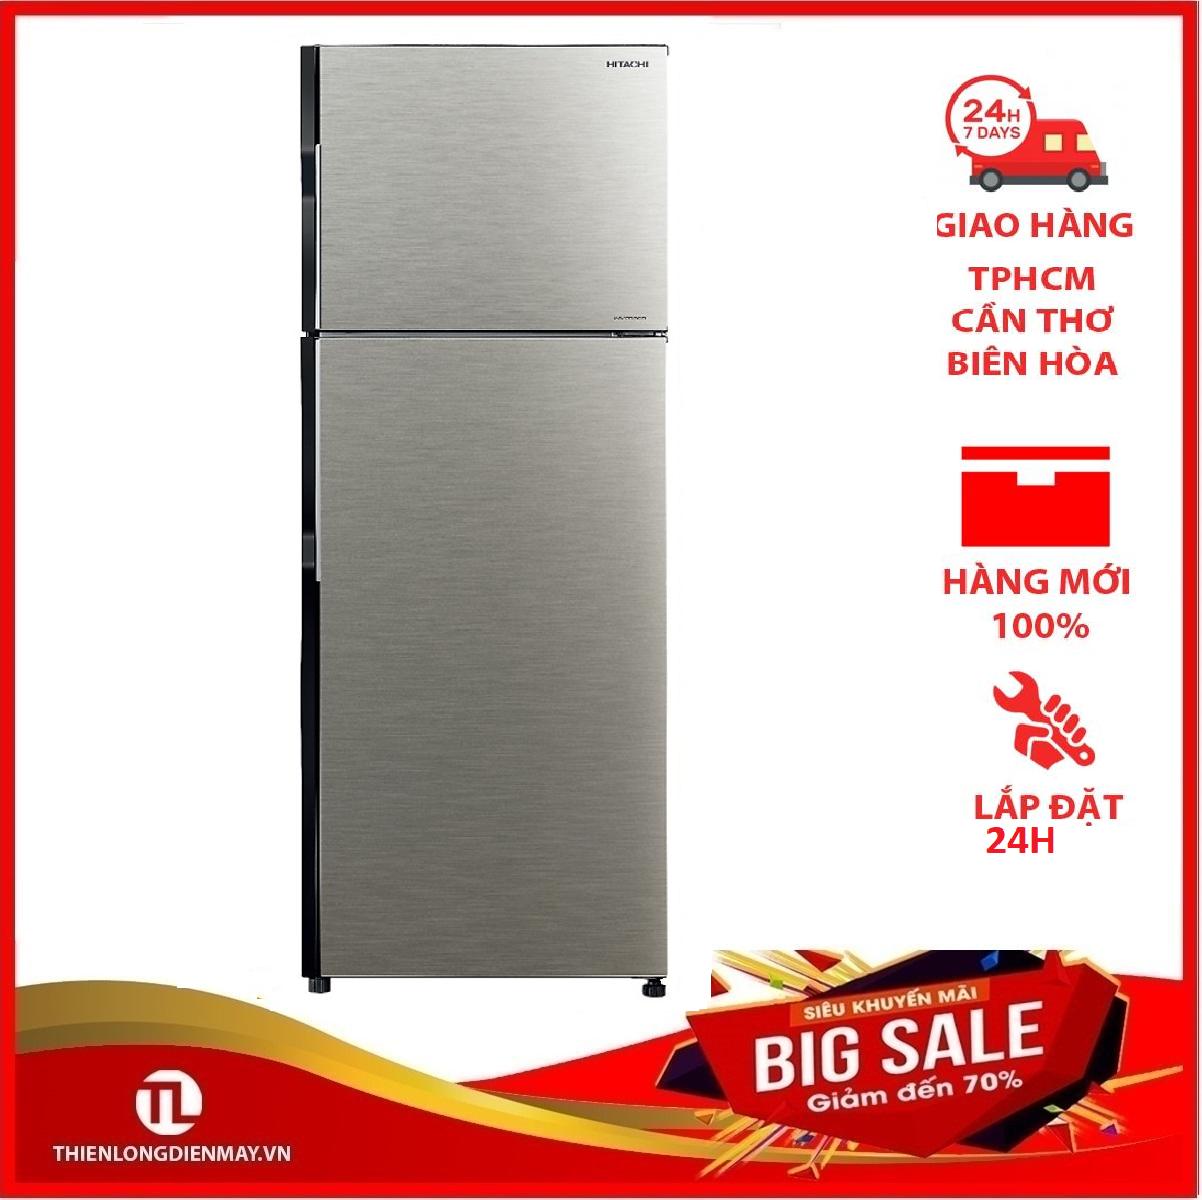 Tủ lạnh Hitachi 290 lít R-H350PGV7 BSL